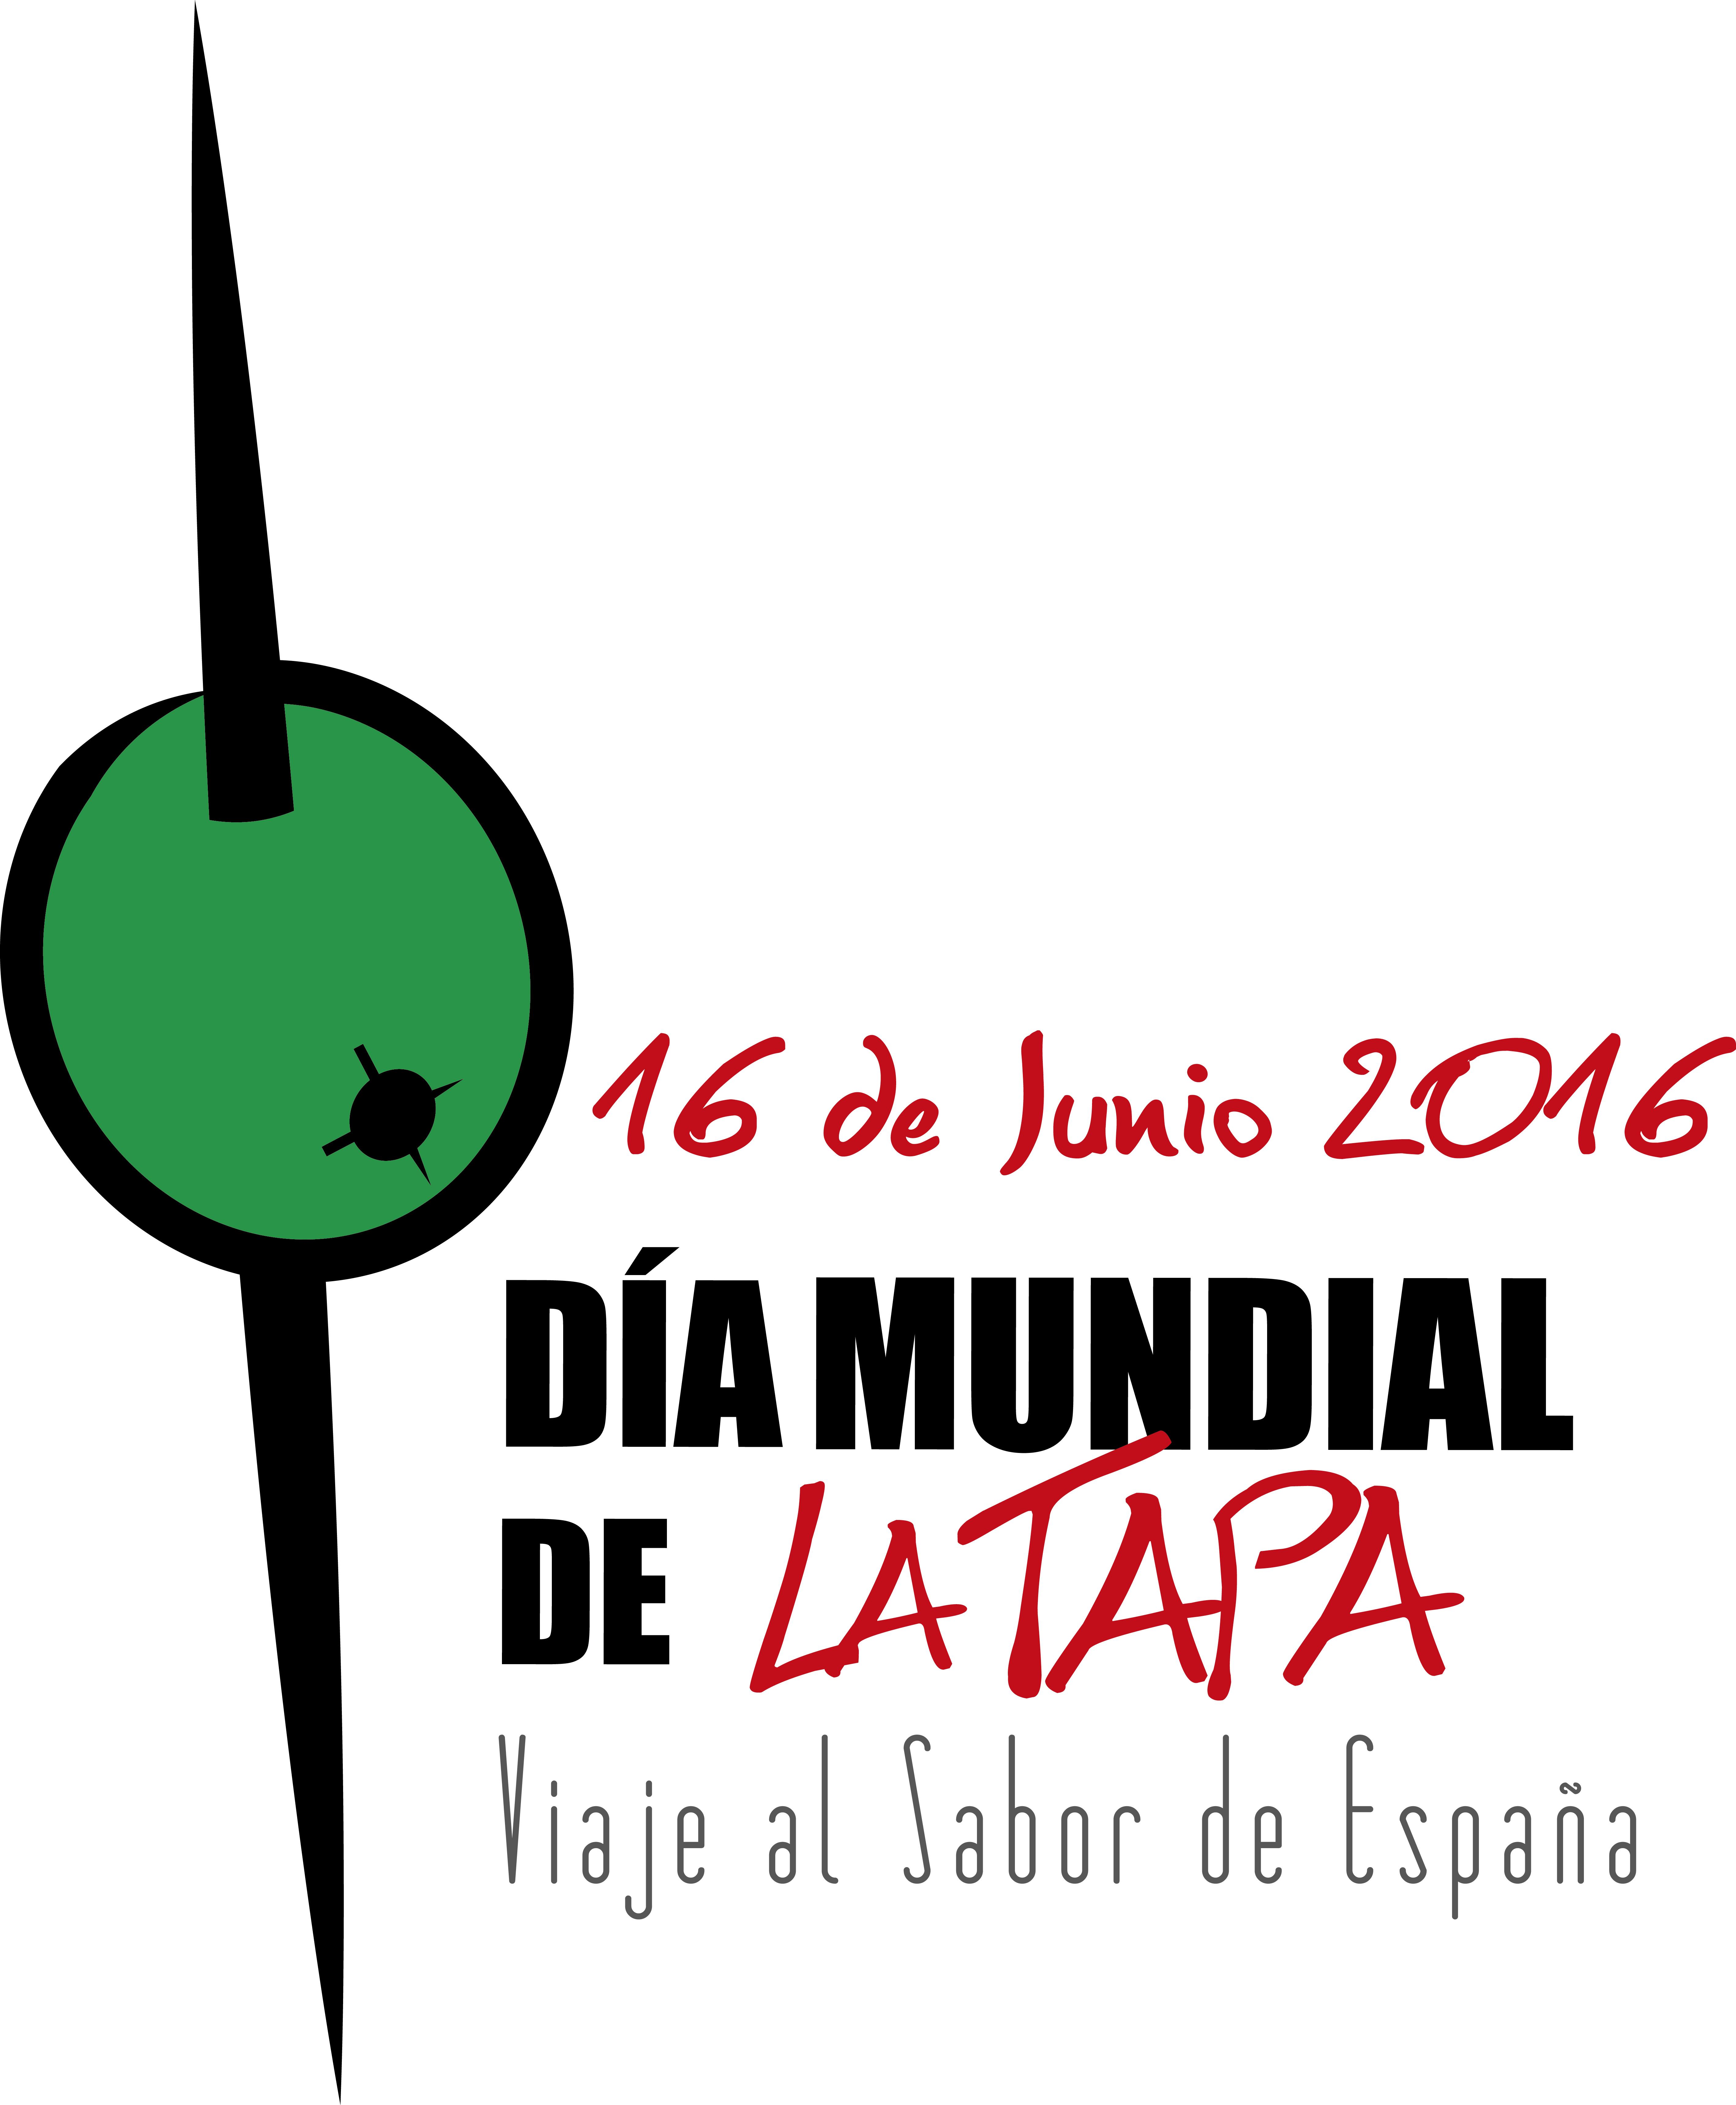 Mañana jueves, 16 de junio Día Mundial de la Tapa World Tapas Day